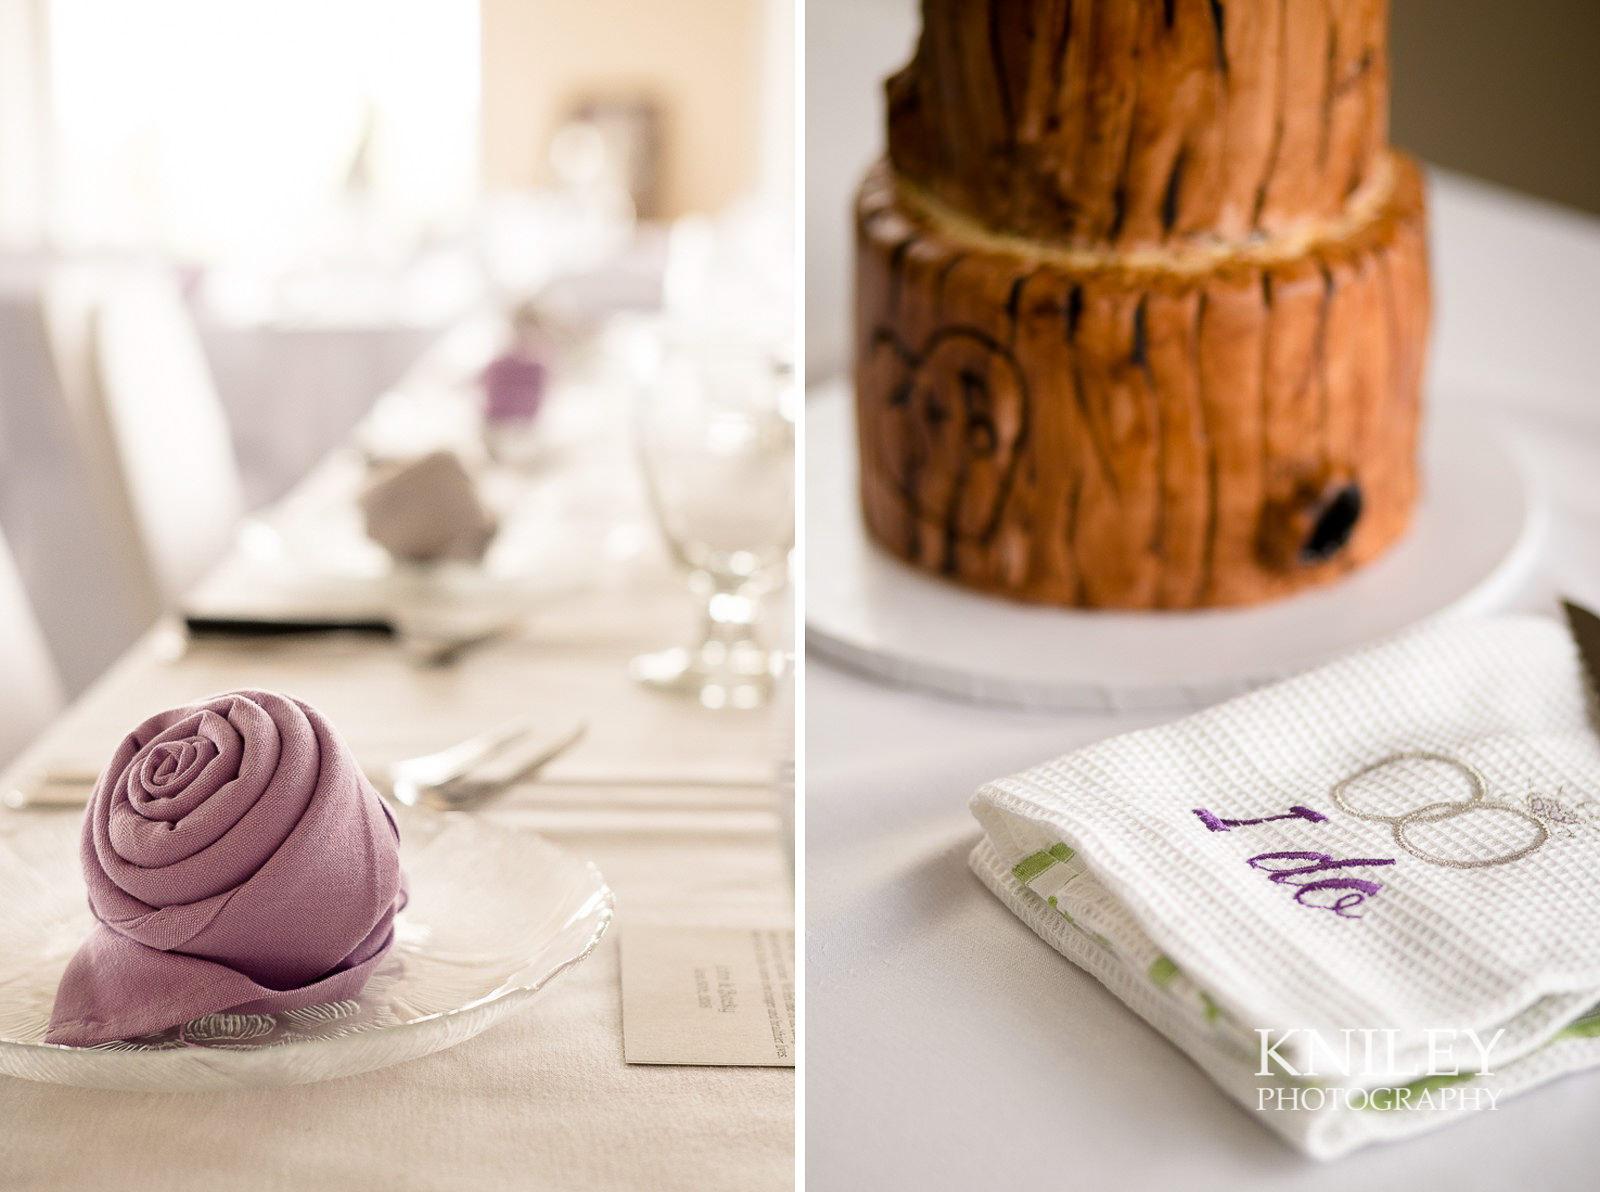 043 - Sodus Bay Heights Golf Club Wedding Pictures- Blog verticals 11.jpg